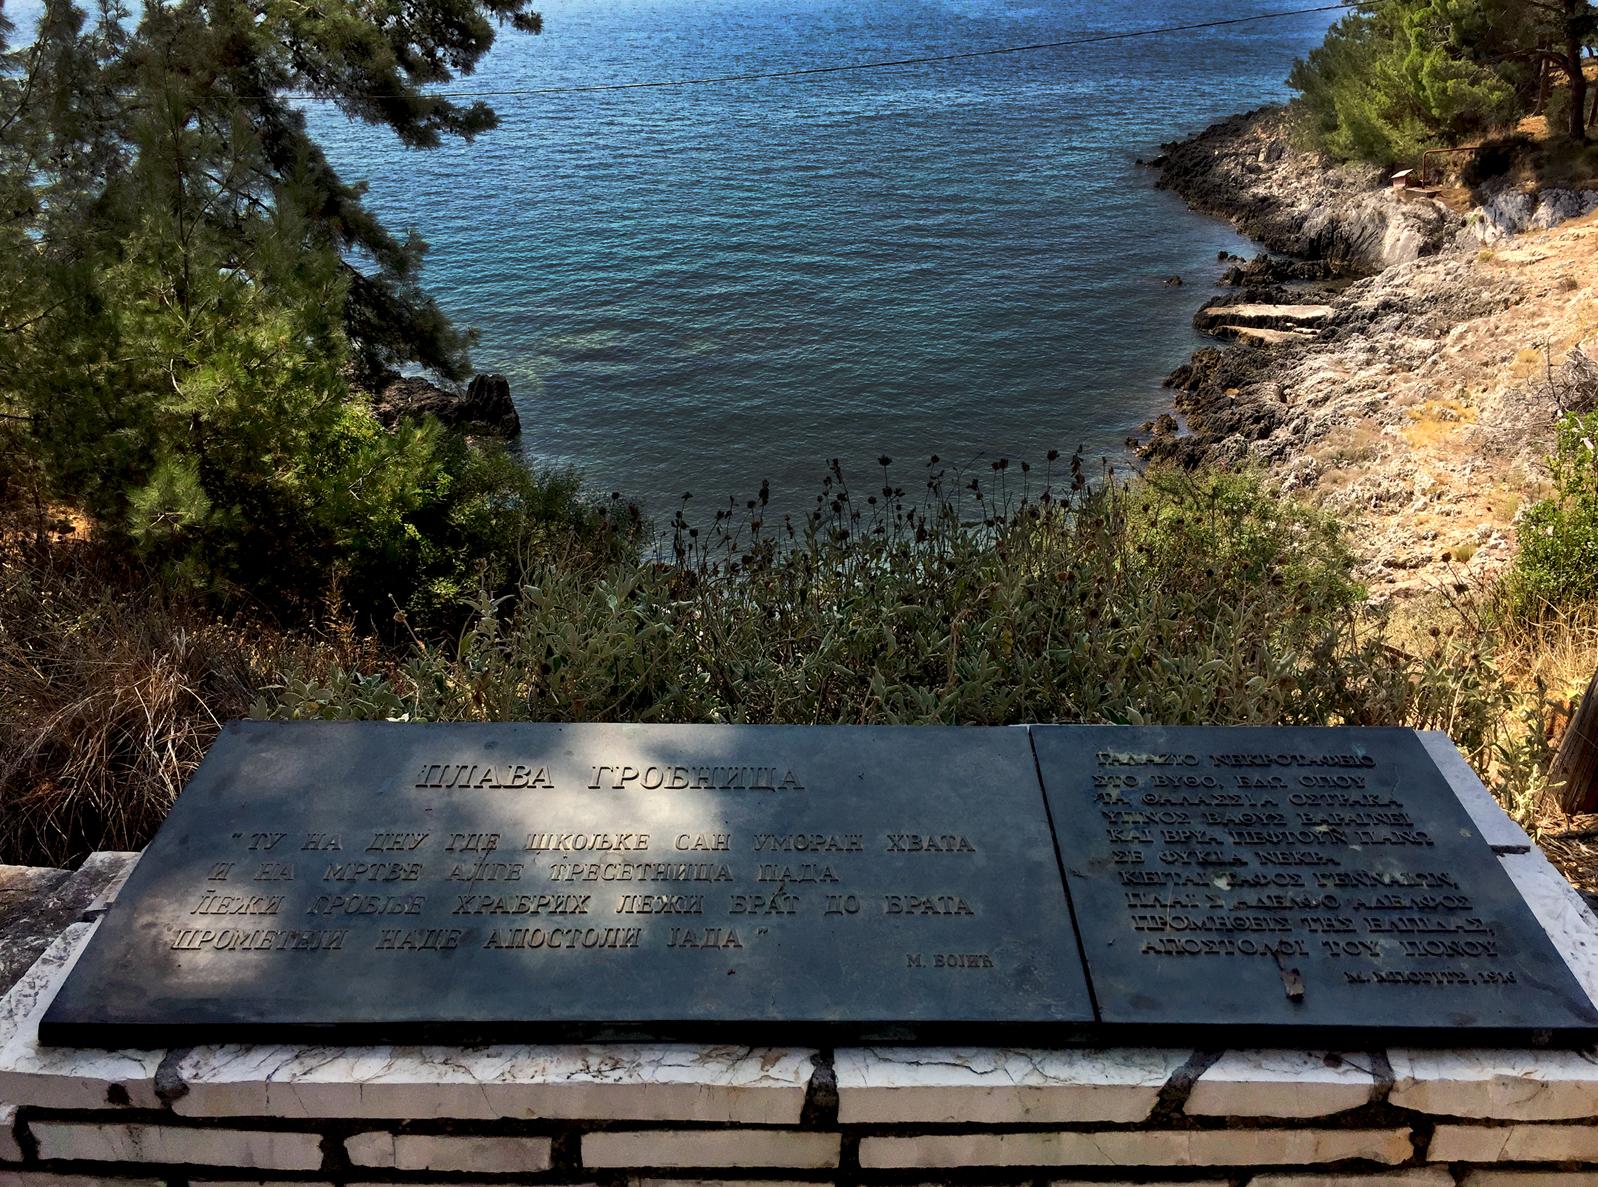 Plava grobnica na ostrvu Vido. Pogled na Plavu grobnicu i spomen ploču sa stihovima Milutina Bojića